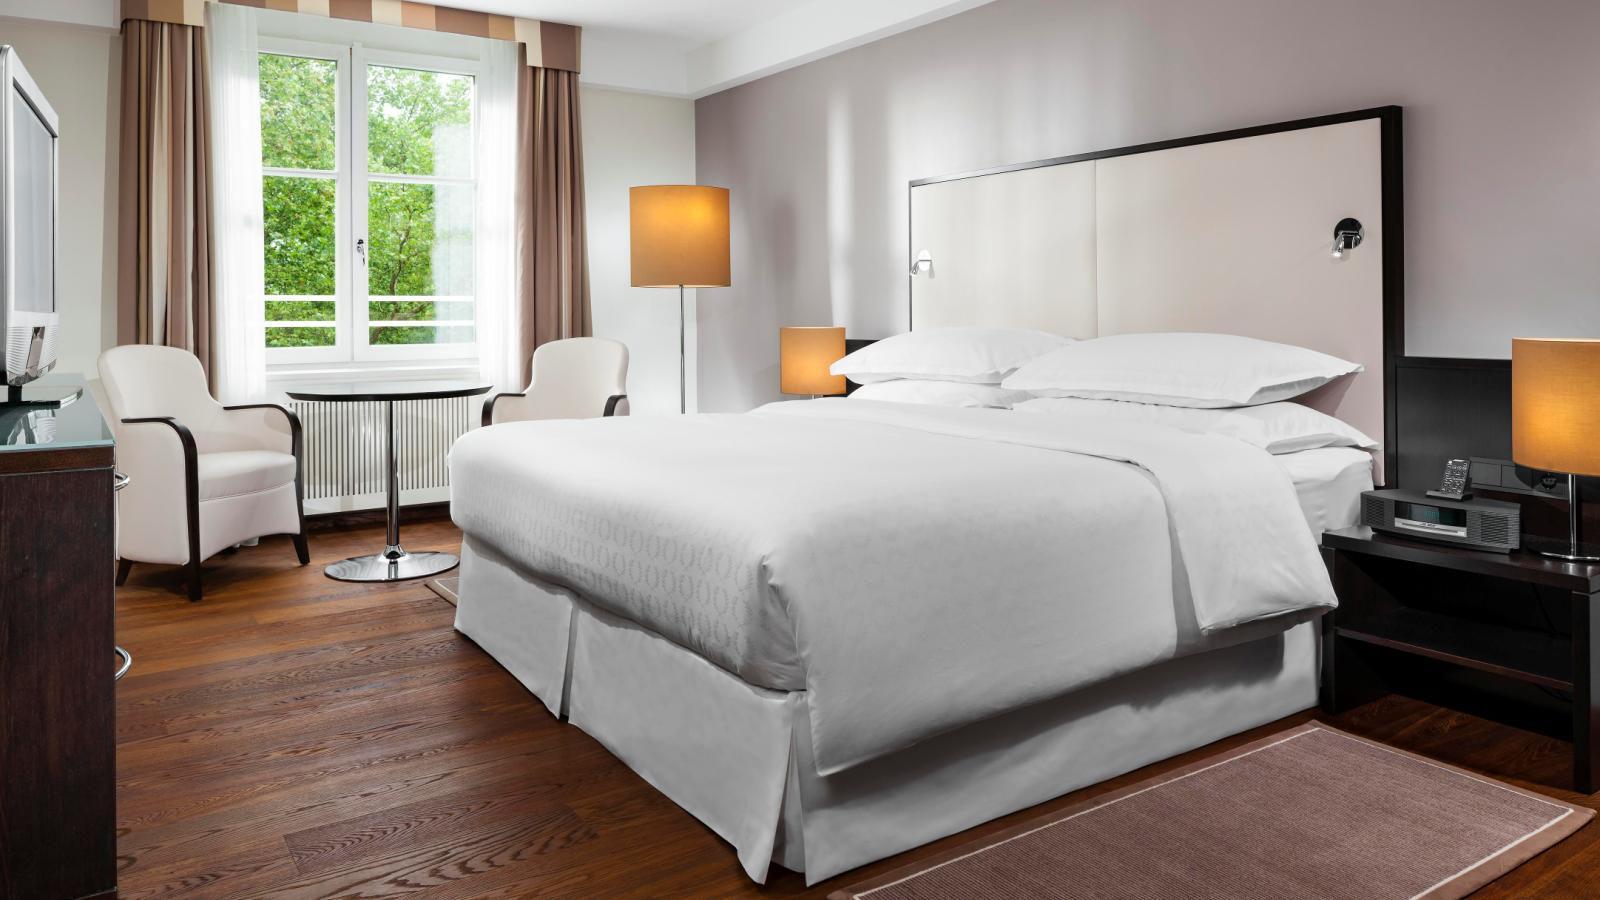 Как выбрать качественный матрас для гостиниц и отелей?